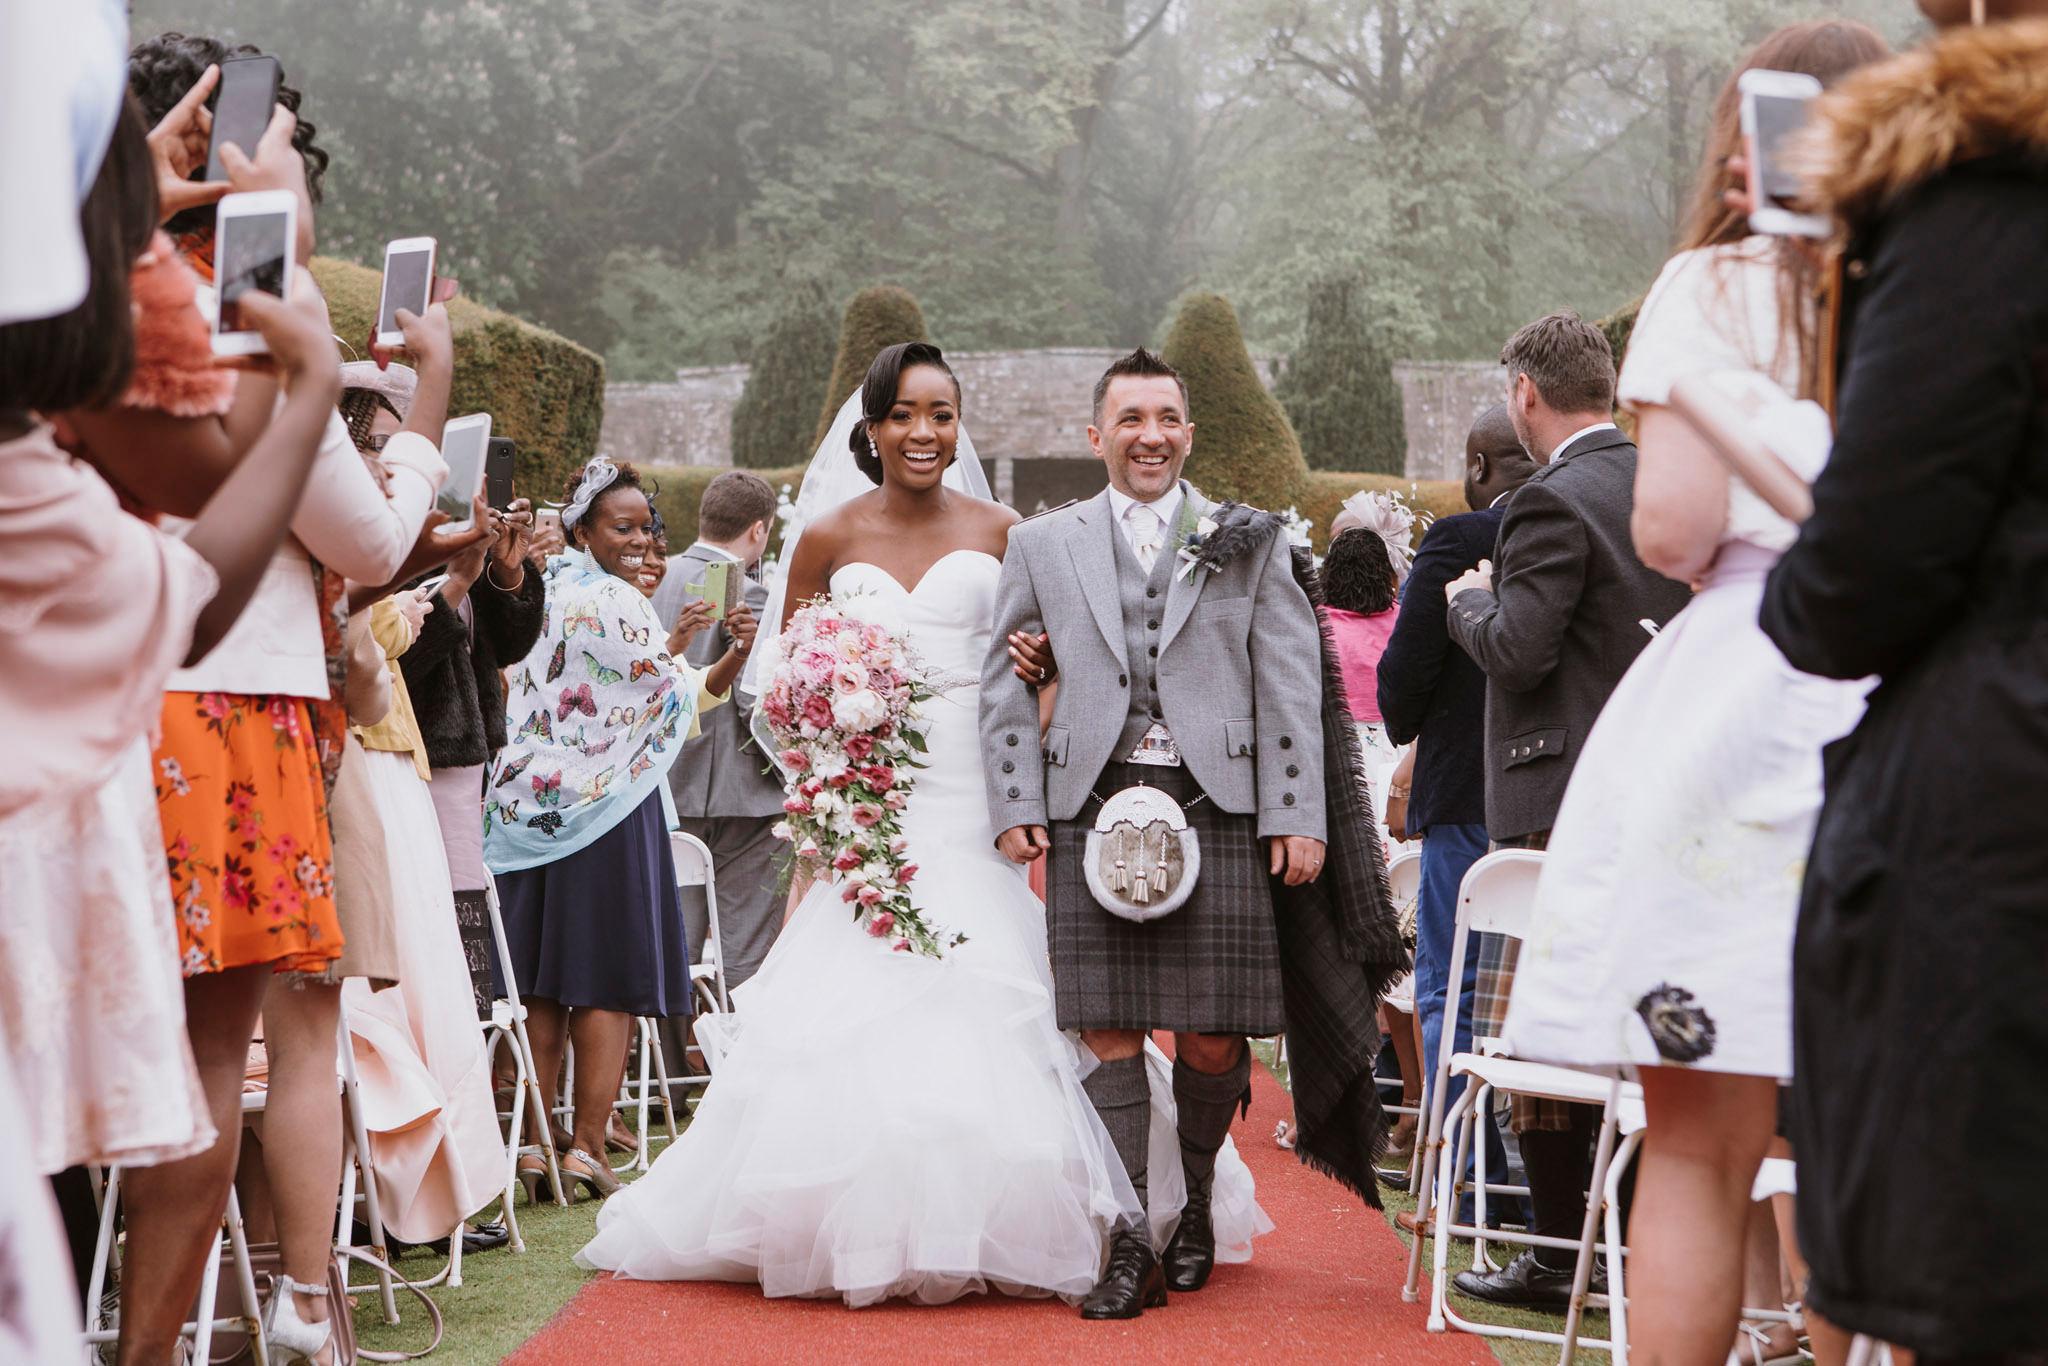 scotland-wedding-elopement-photographer-040.jpg